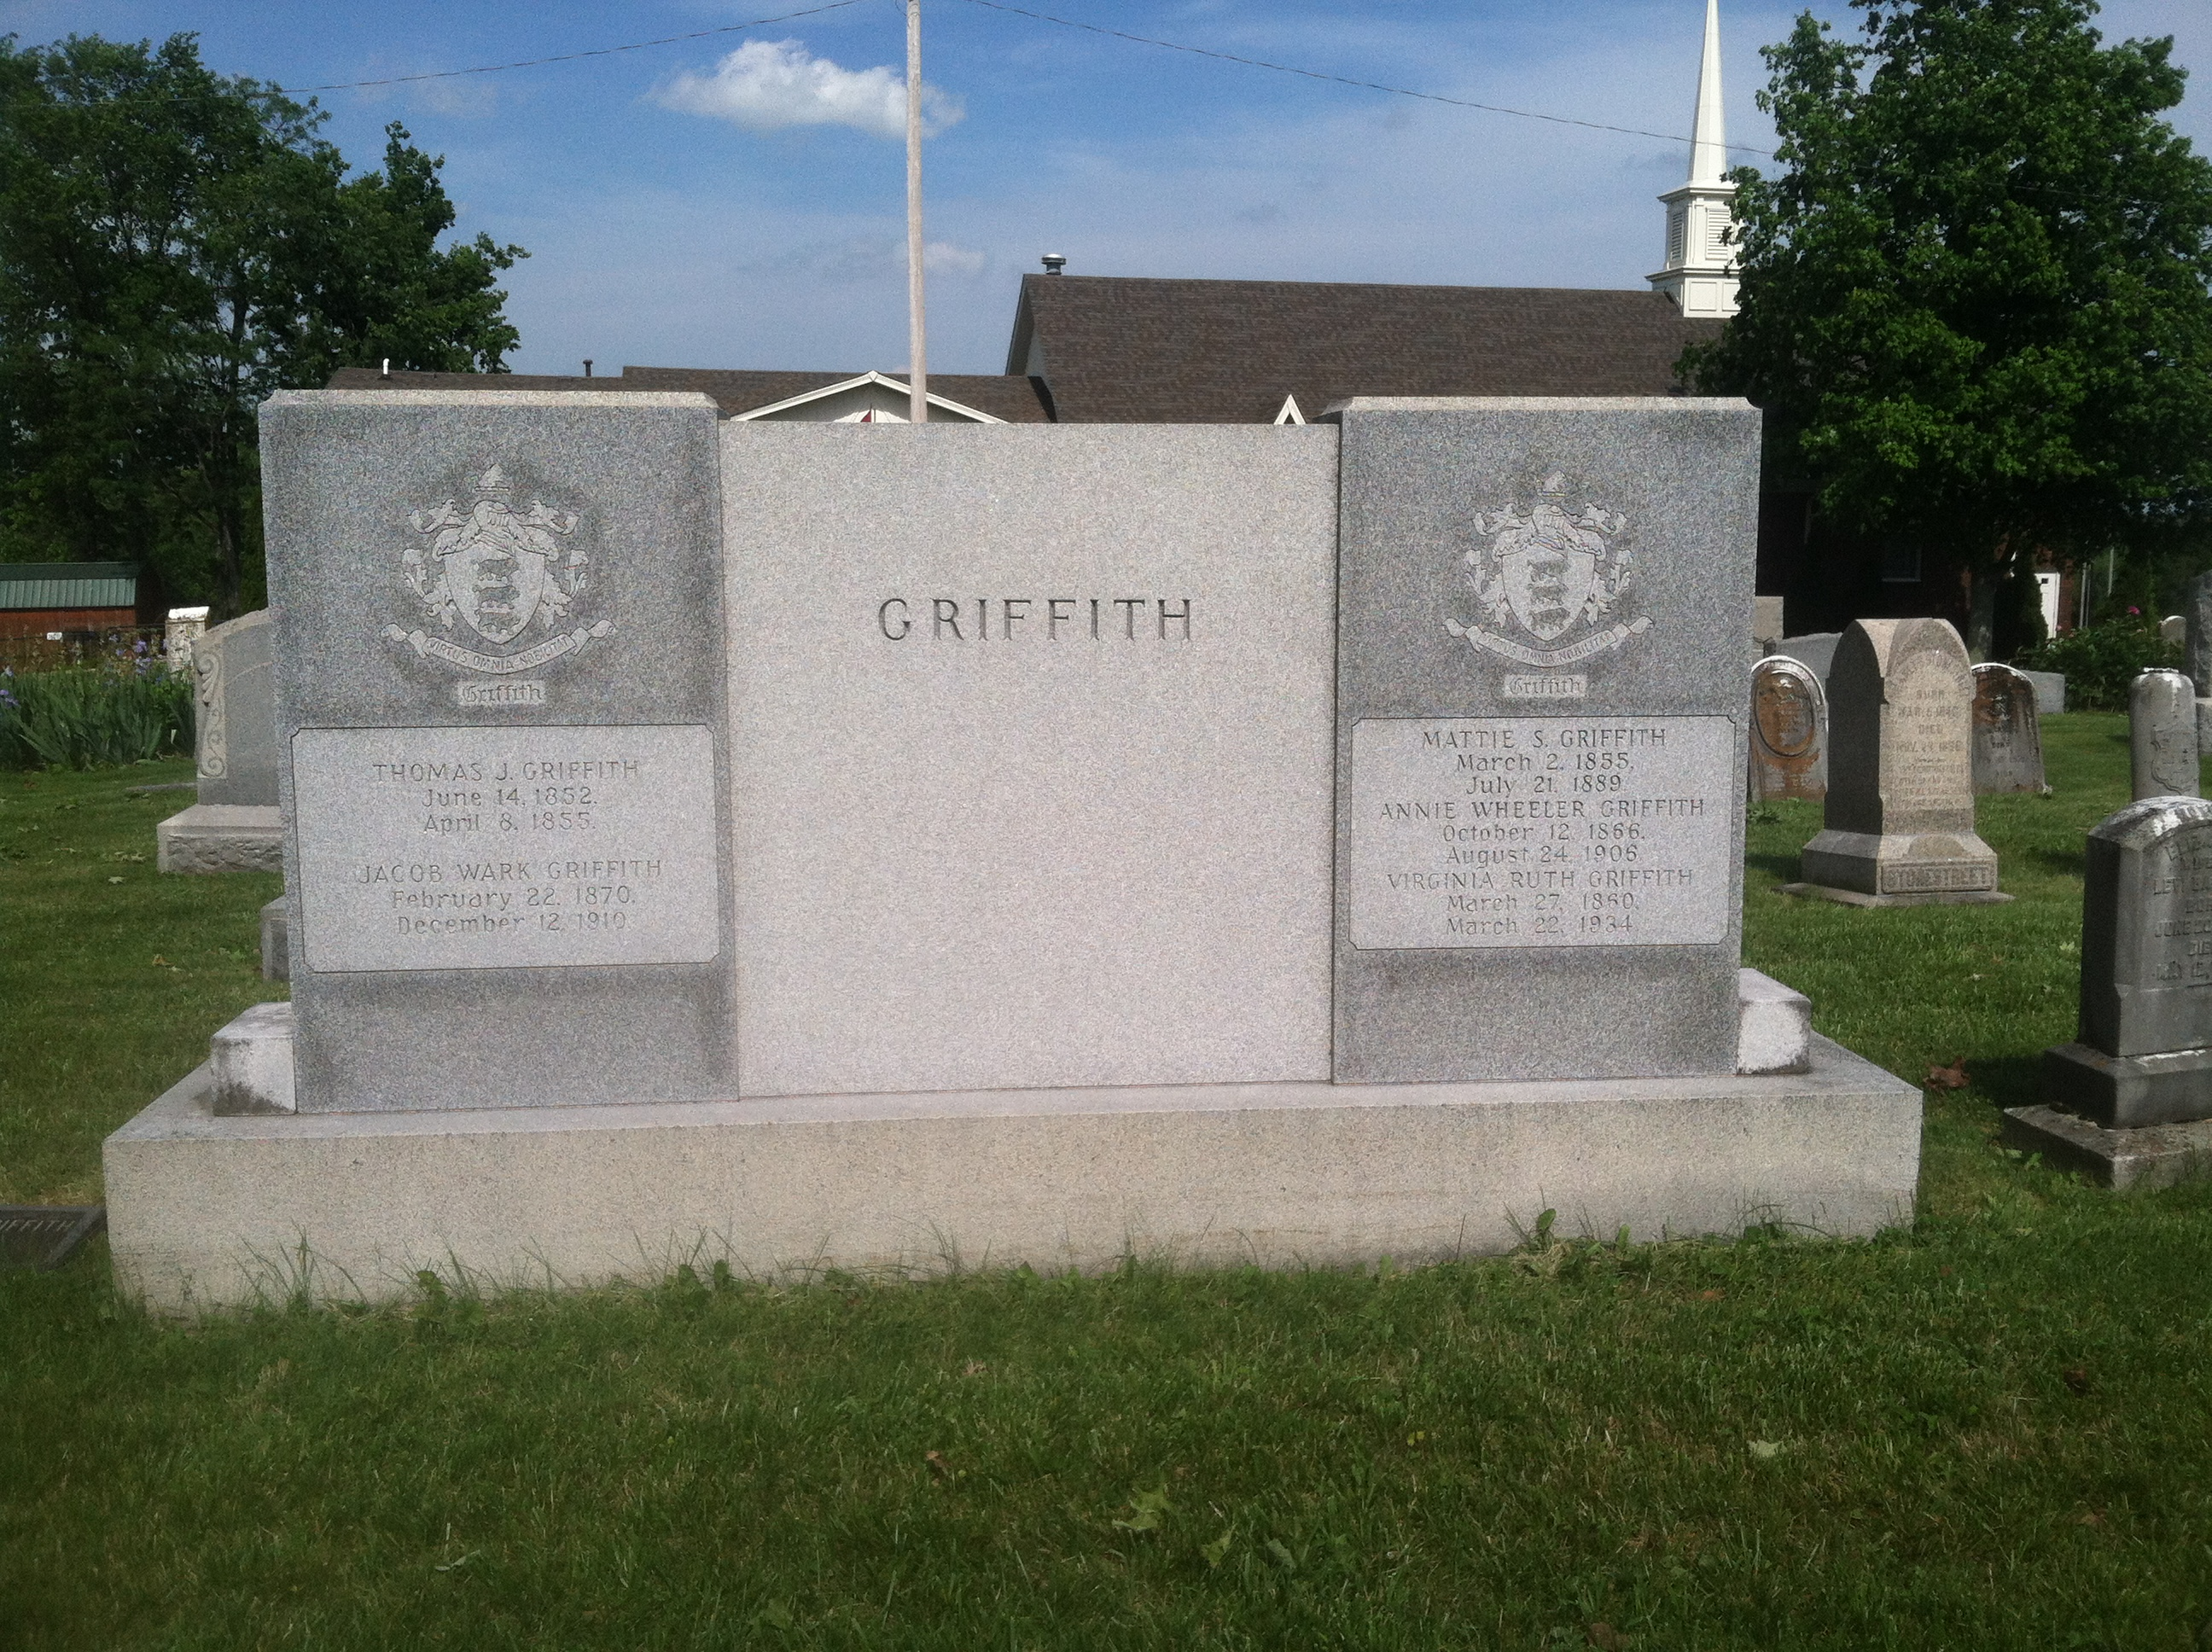 Thomas J. Griffith